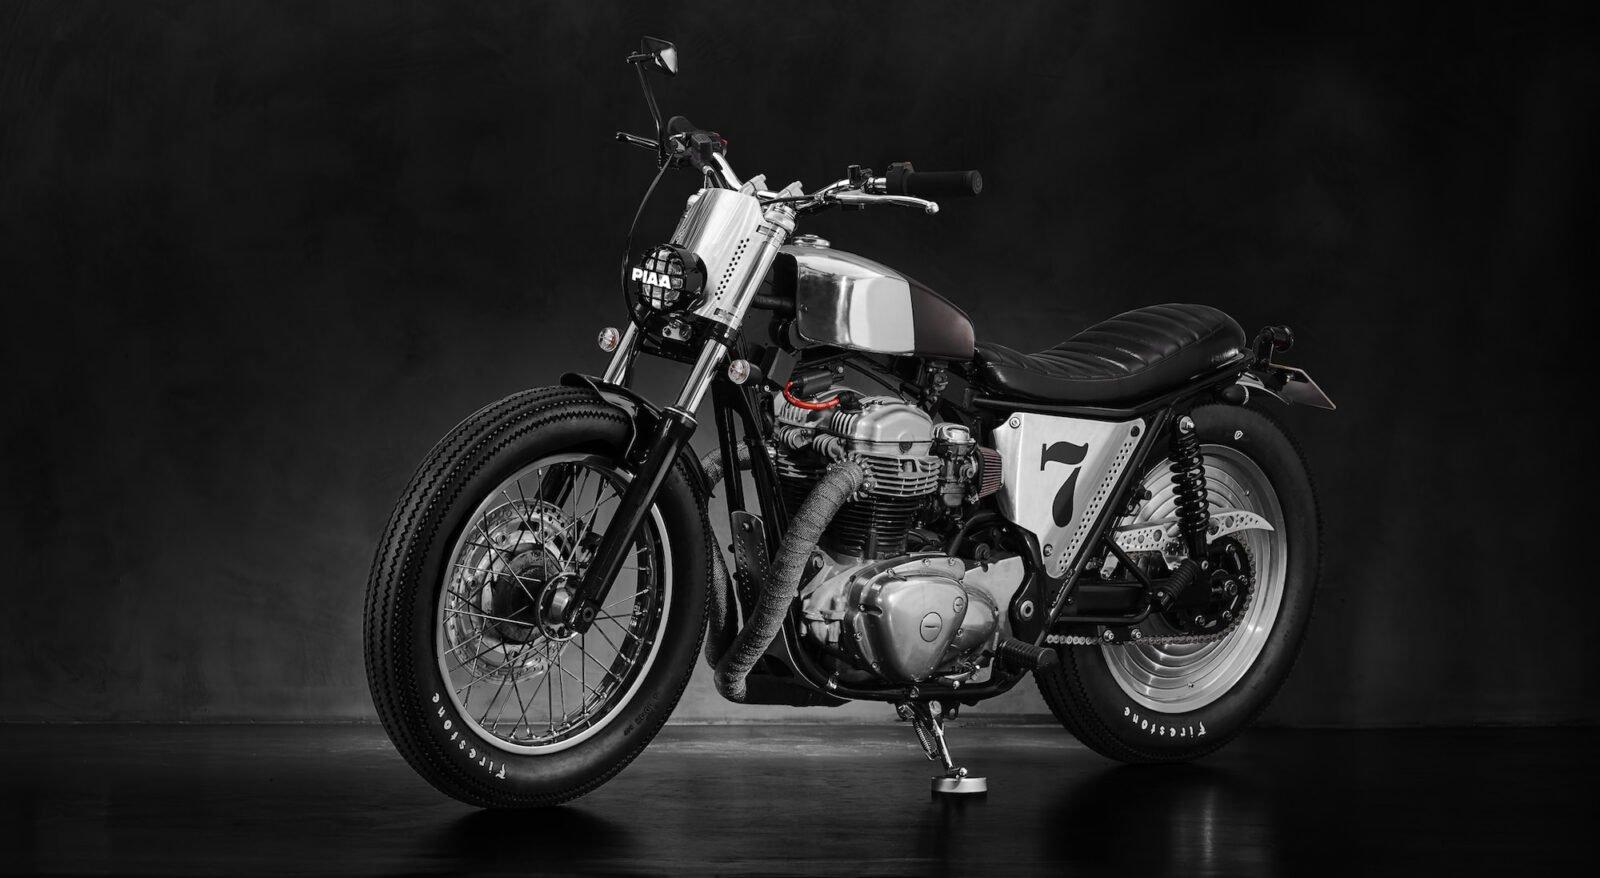 Kawasaki W650 Superrench by Angry Lane 2 1600x878 - Kawasaki W650 Superrench by Angry Lane